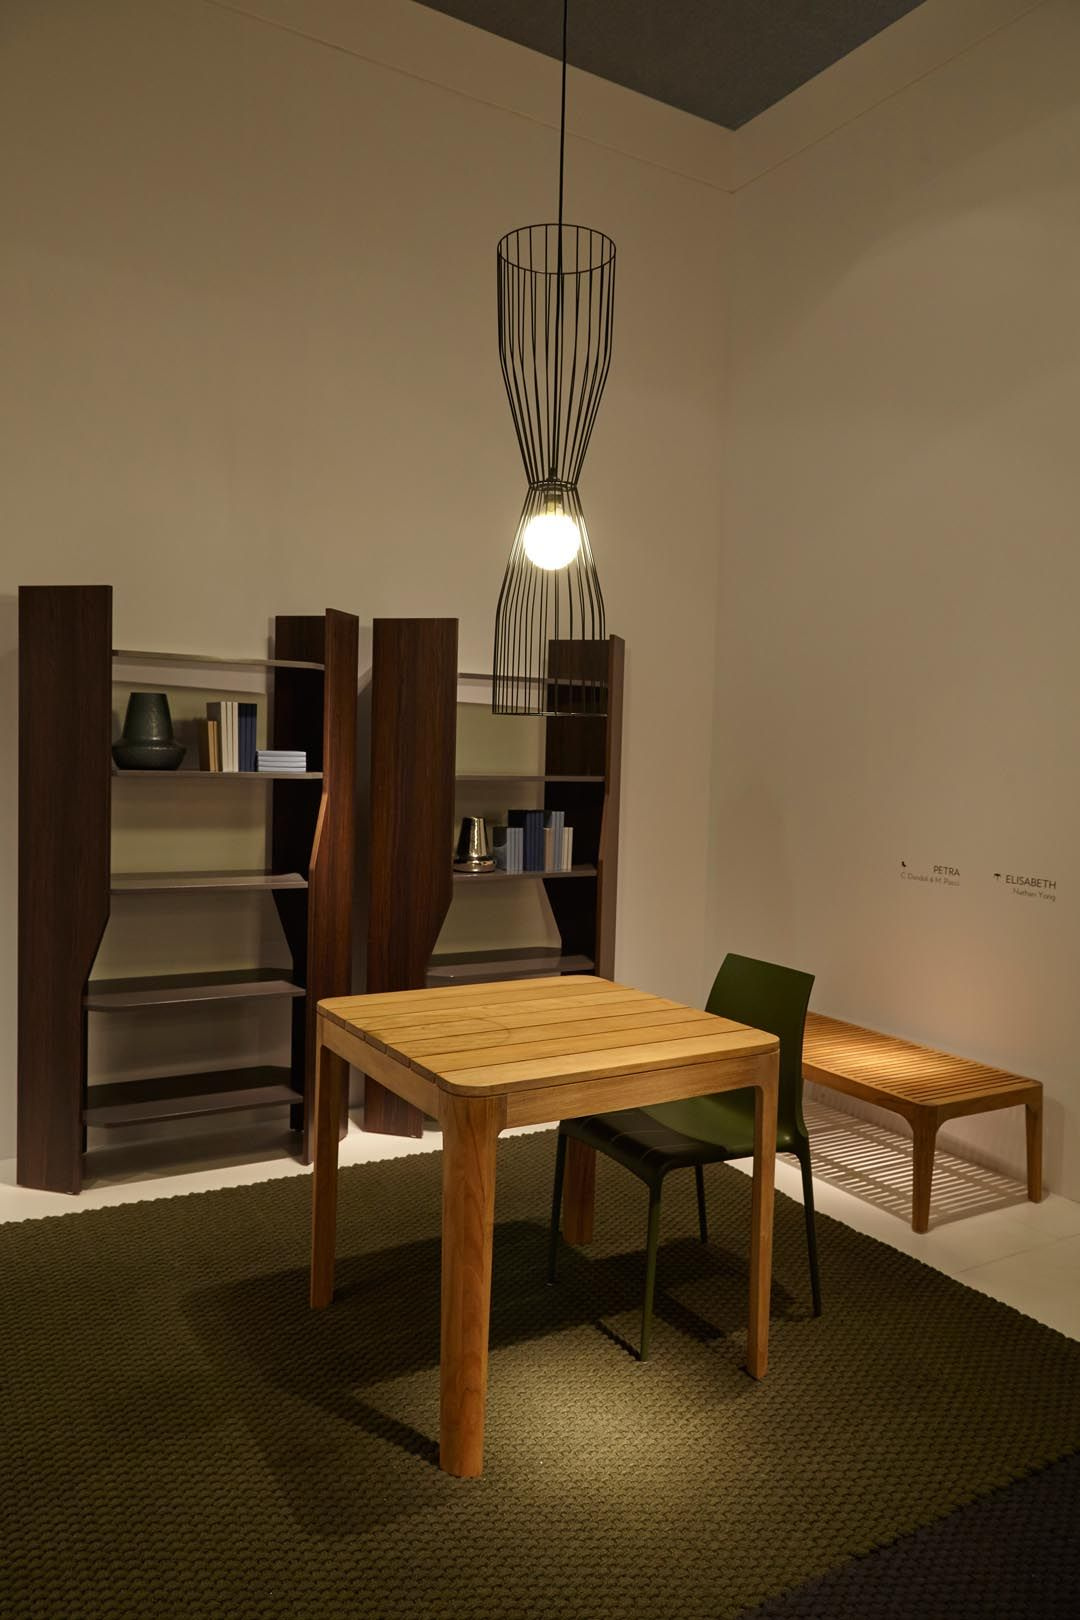 ligneroset at imm cologne 2016 imm k ln 2016 international furniture fair cologne 2016. Black Bedroom Furniture Sets. Home Design Ideas